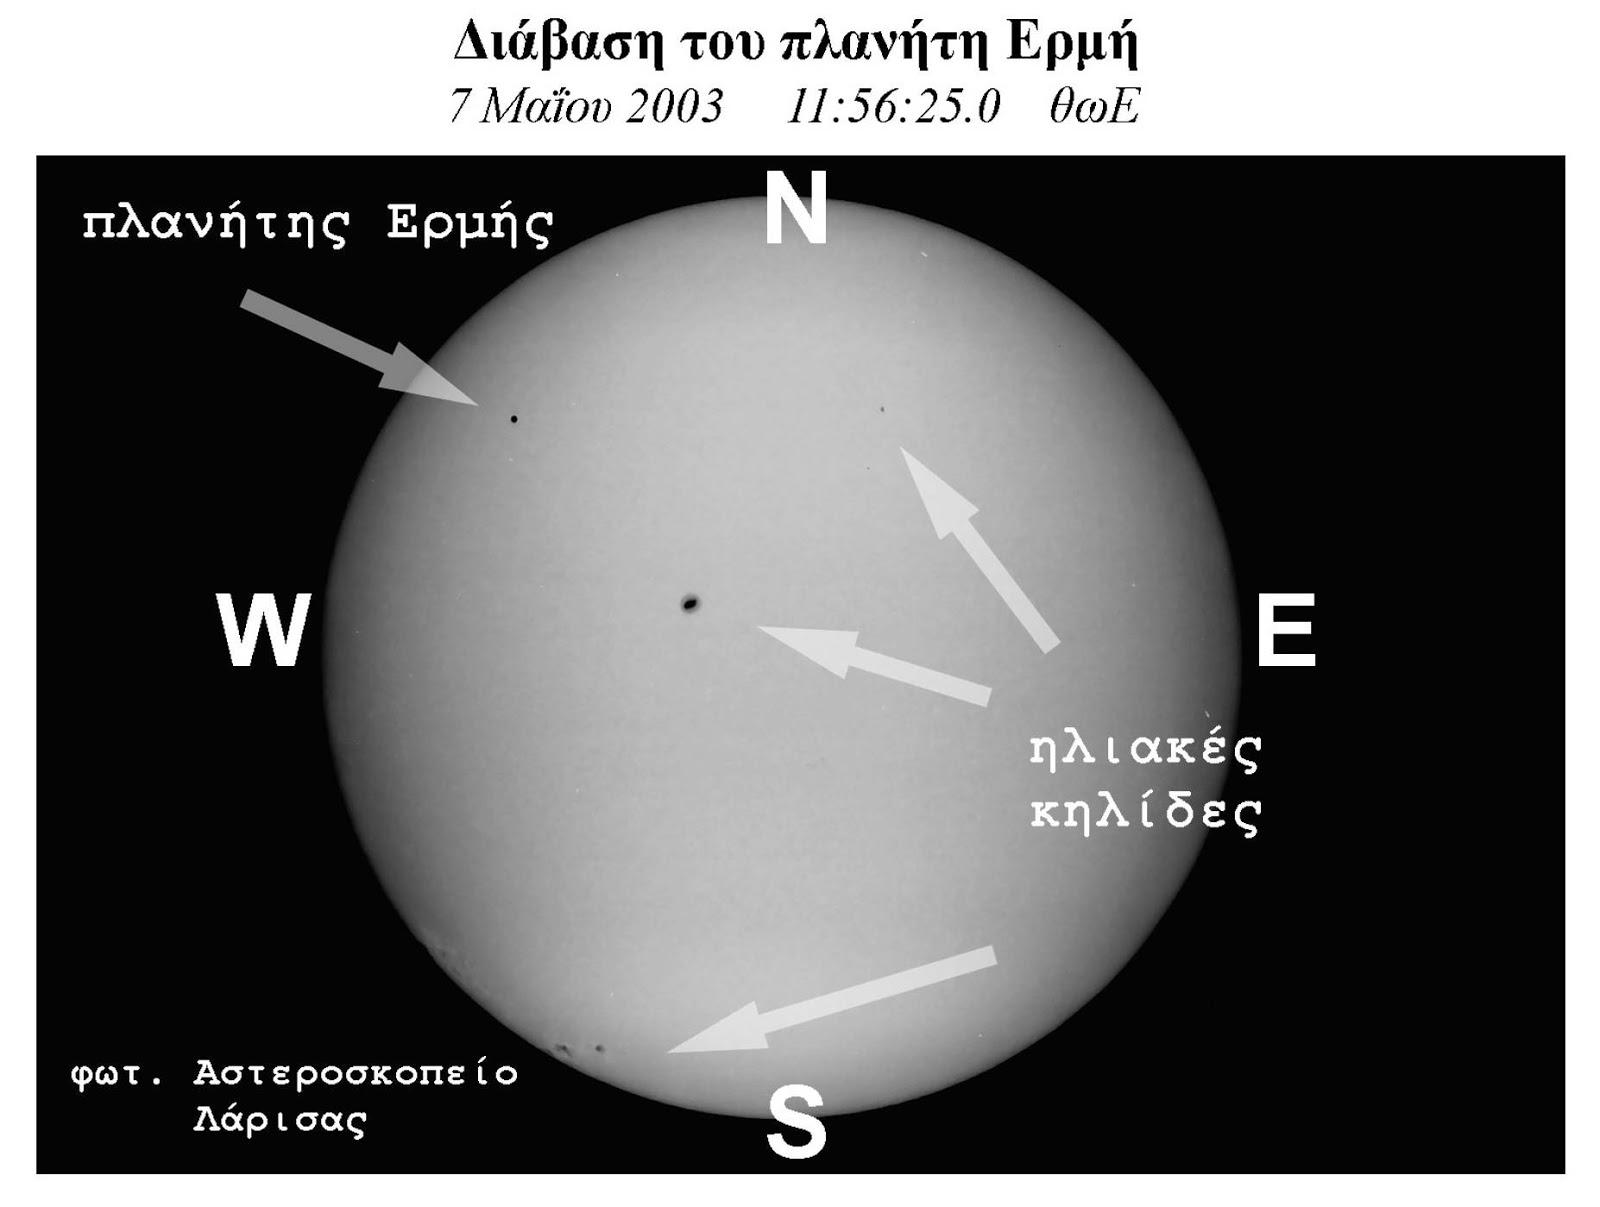 Ανοιχτό το Αστεροσκοπείο Λάρισας σήμερα για τη διάβαση του πλανήτη Ερμή